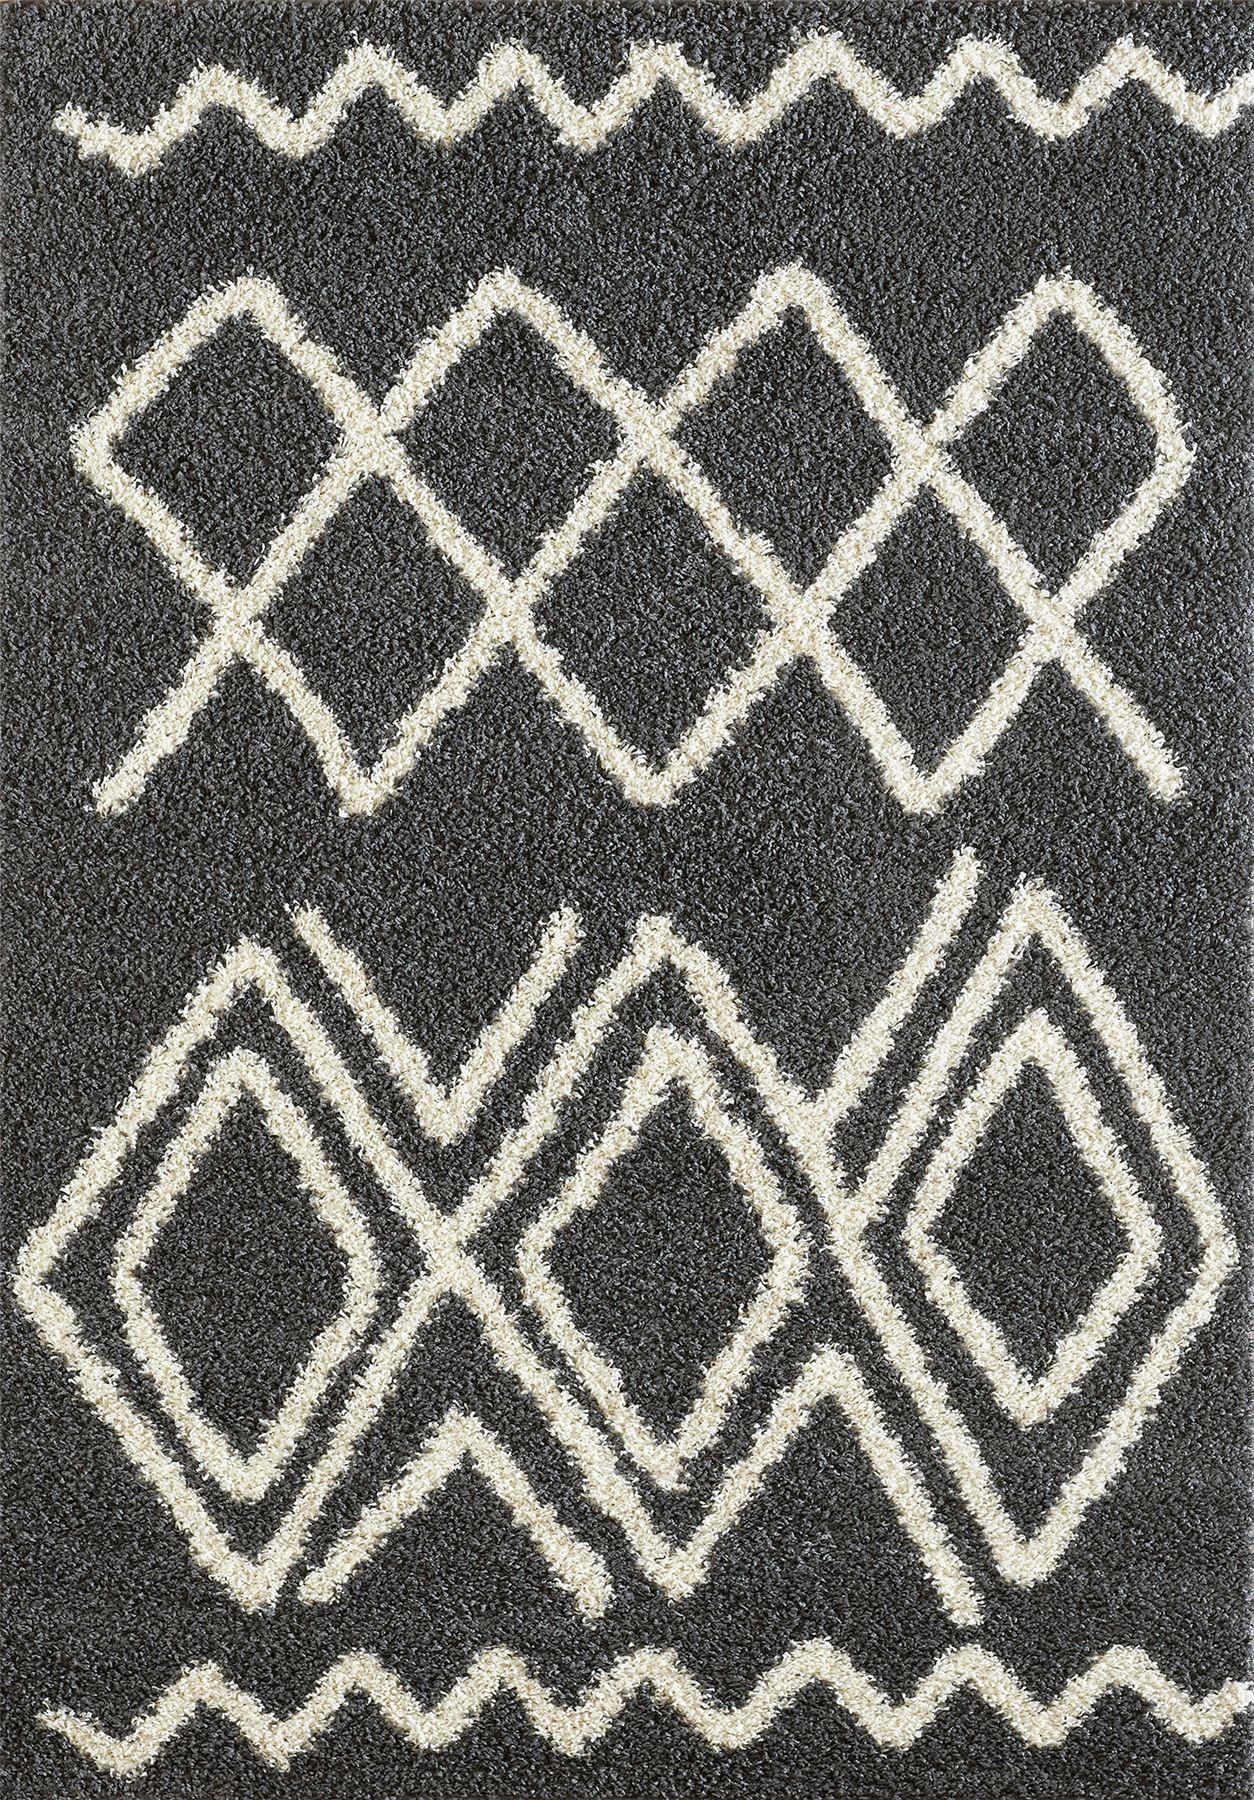 Tappeto-A2Z-Nero-Grigio-Avorio-tradizionale-marocchina-Shaggy-Berber-Boho-Tribal-3cm-Pile miniatura 54